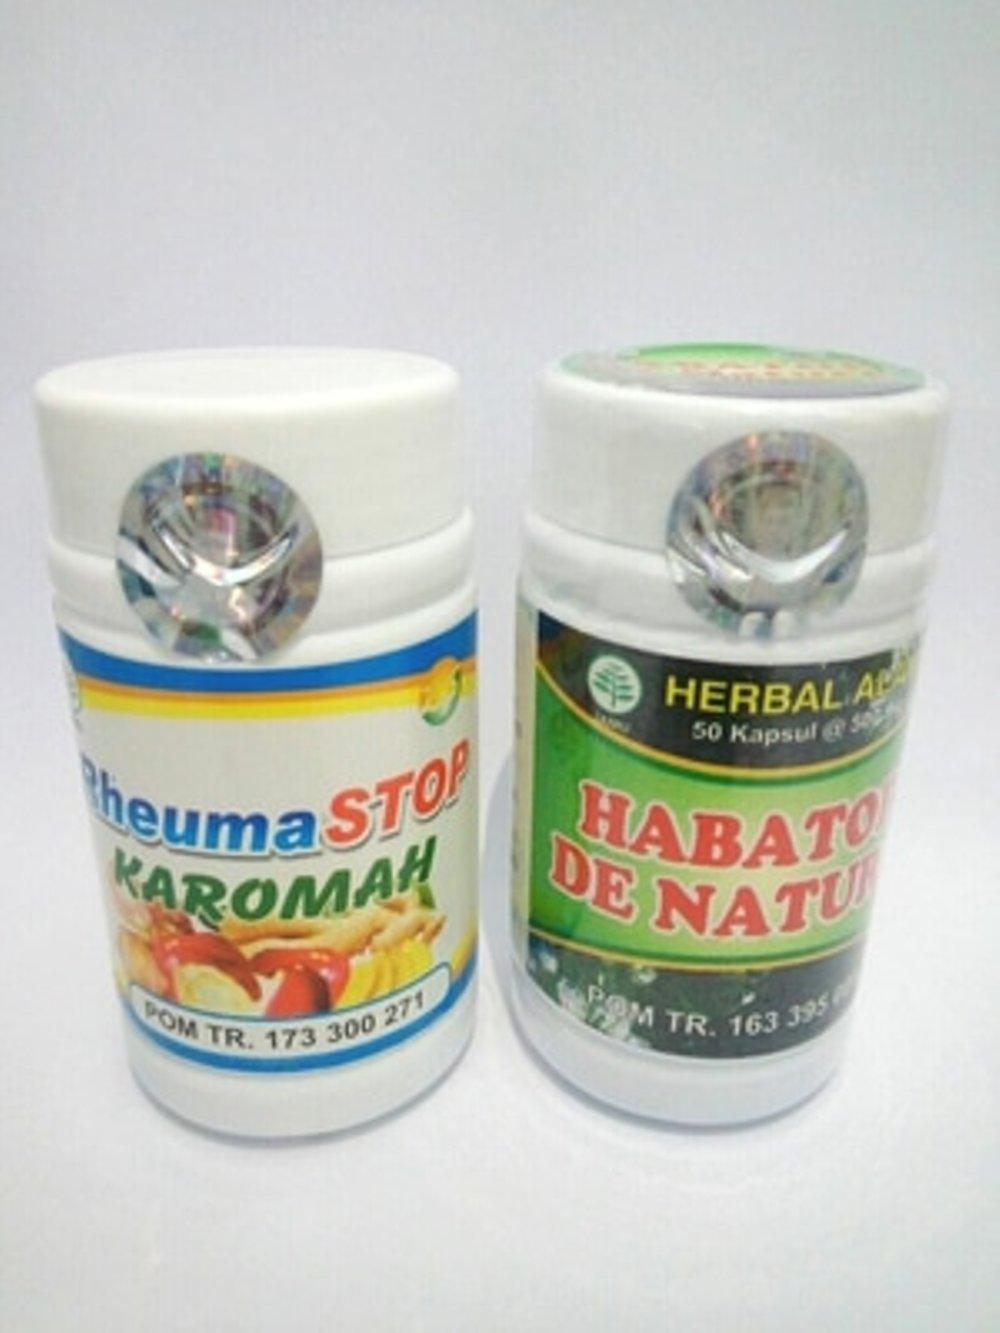 Obat Rematik Herbal Asli De Nature Sipilis Ampuh Sudah Melewati Proses Sortir Bahan Baku Guna Menjaga Mutu Produk Produksi Sesuai Alur Cpotb Cara Pembuatan Tradisional Yang Baik Dan Benar